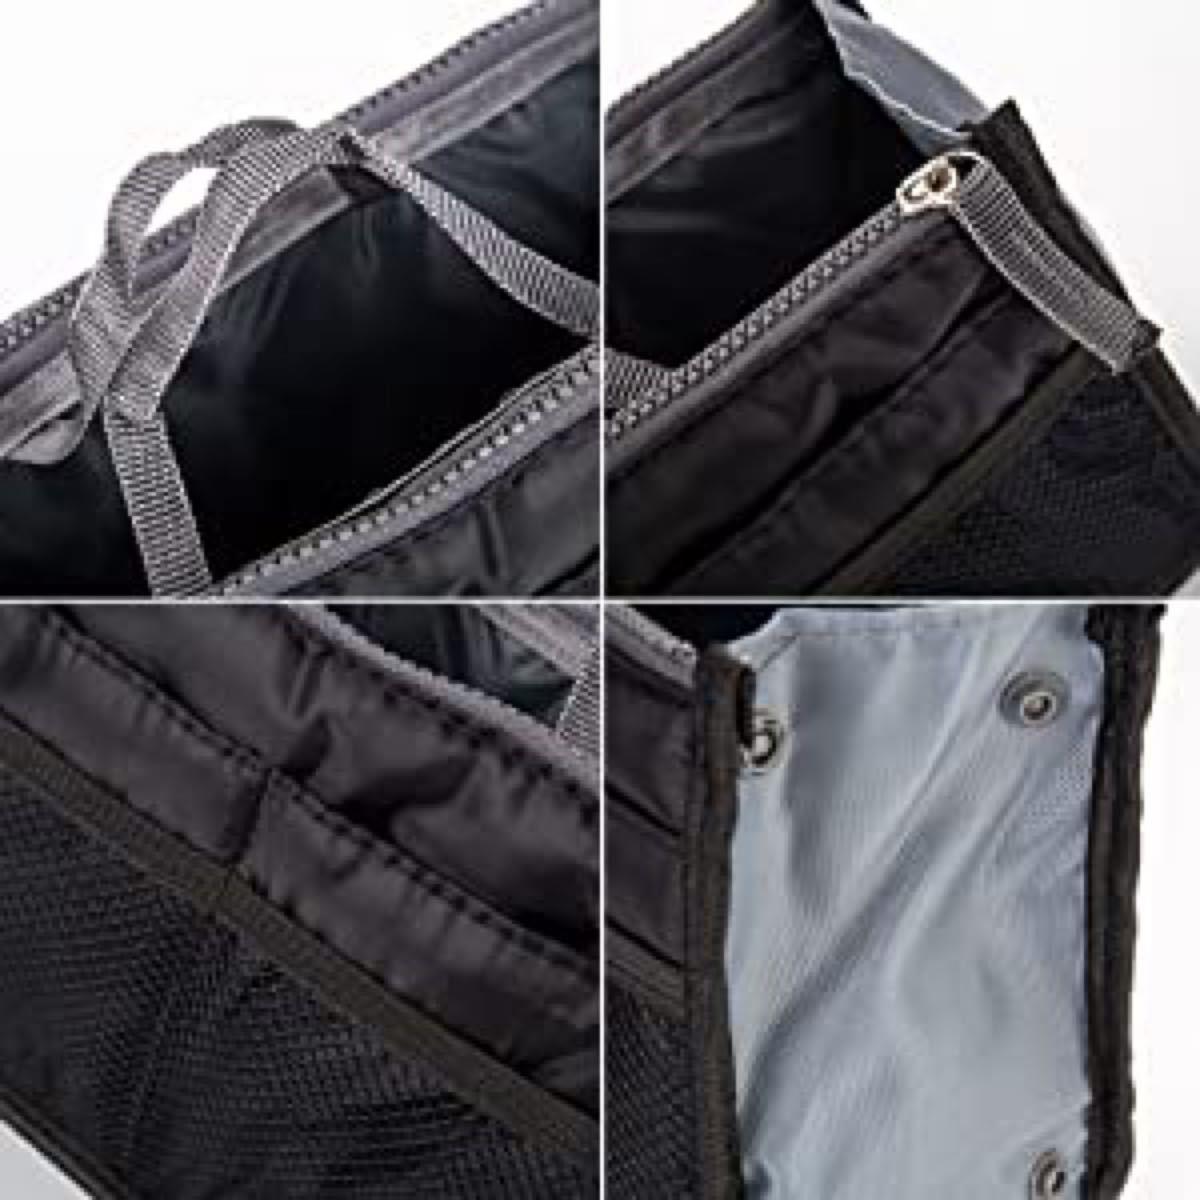 バッグインバッグ ブラック インナーバッグ 収納 化粧ポーチ 多機能 便利グッズ